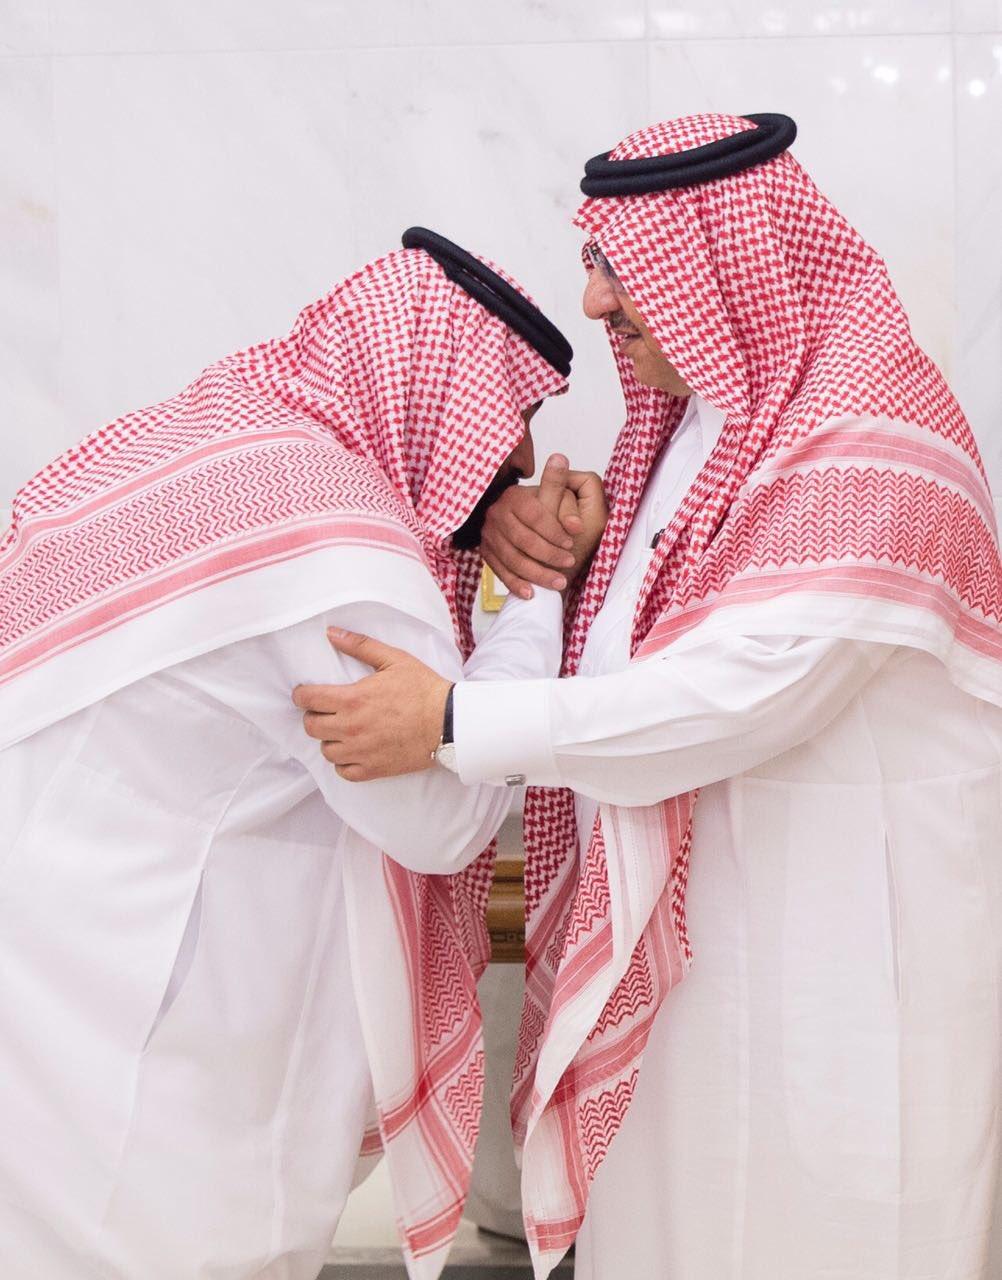 فيديو: الأمير محمد بن نايف يبايع الأمير محمد بن سلمان ولياً للعهد في قصر الصفا